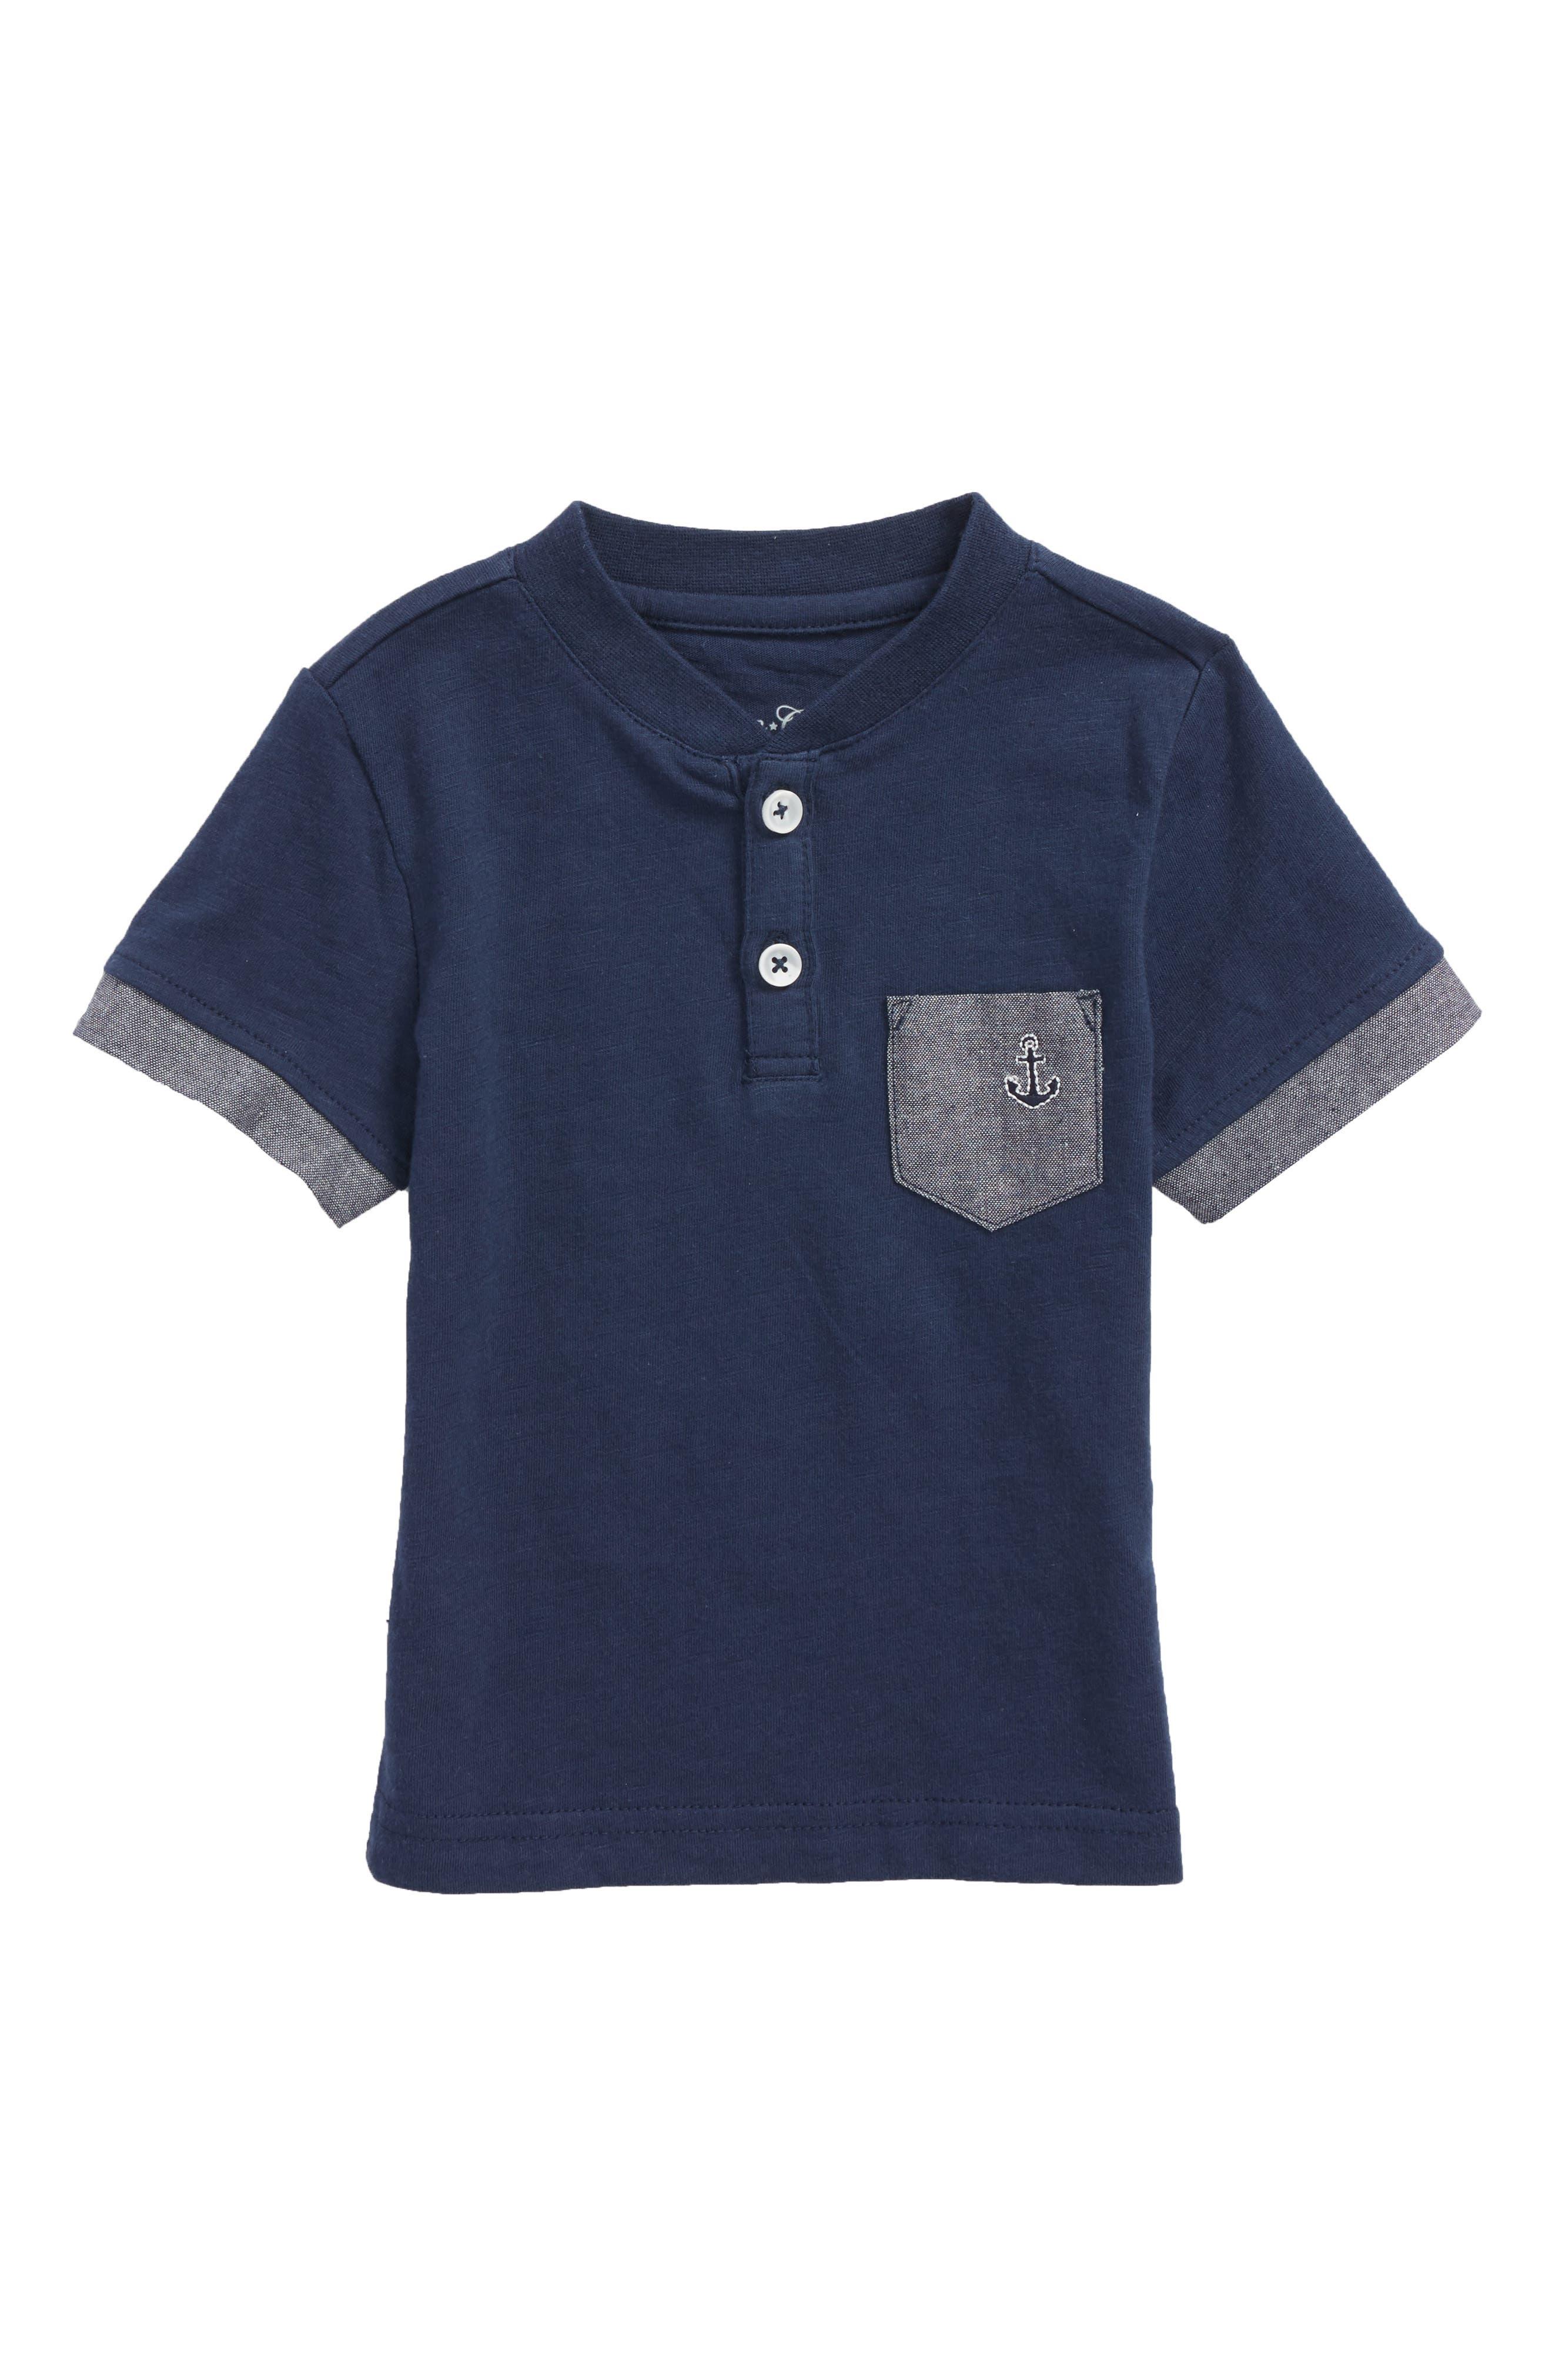 Goodlife T-Shirt,                         Main,                         color, Navy